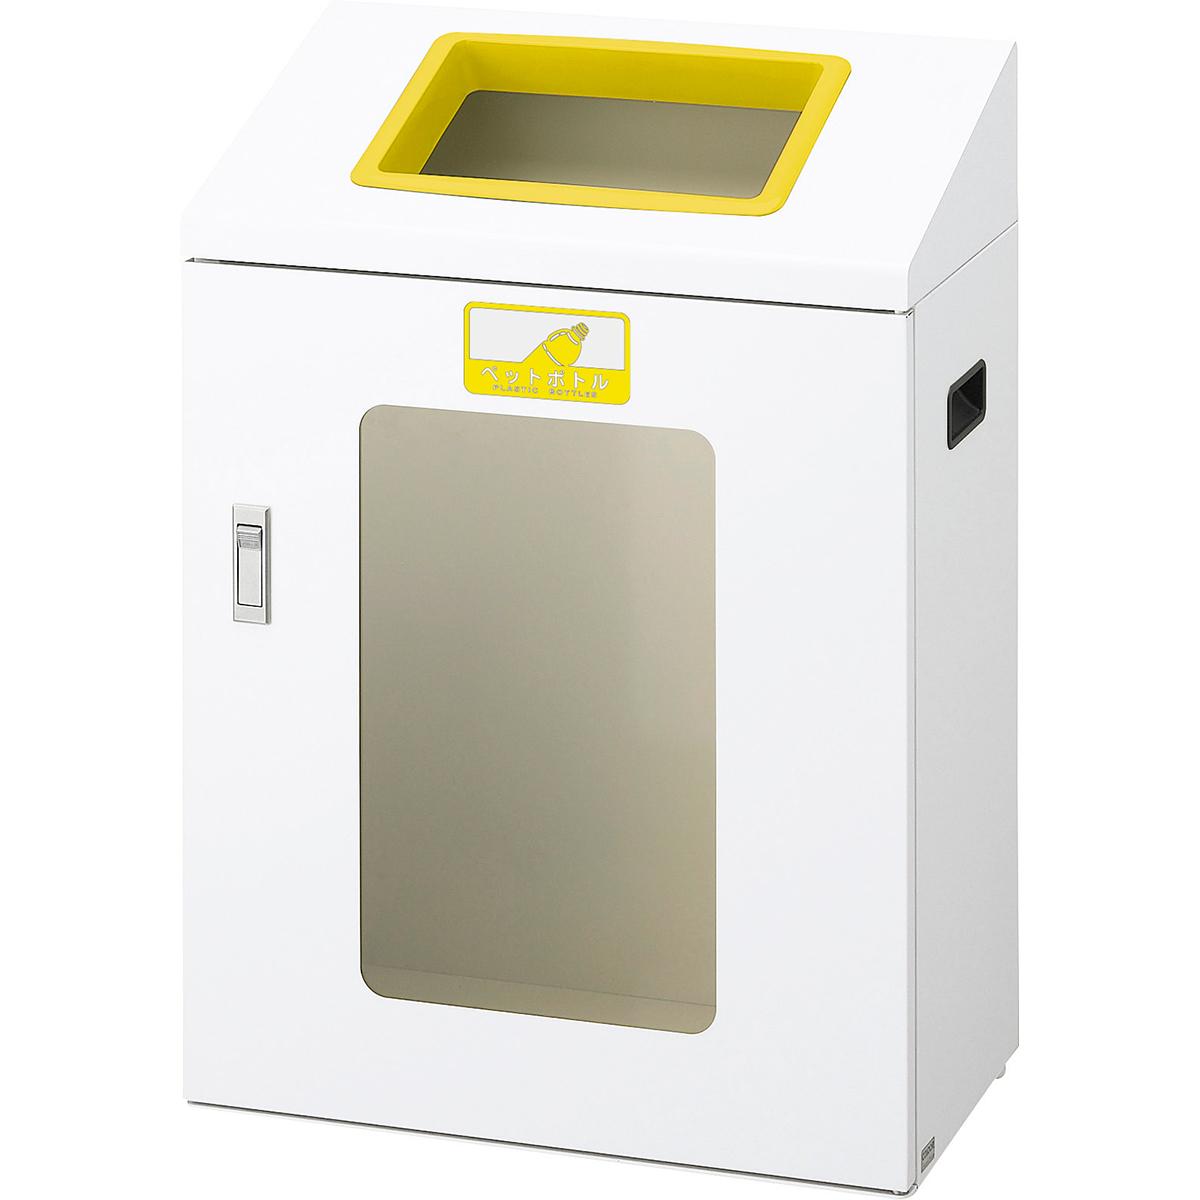 【単品配送】 山崎産業 リサイクルボックス YIS-50 70L ペットボトル/Y(黄) YW-372L-ID